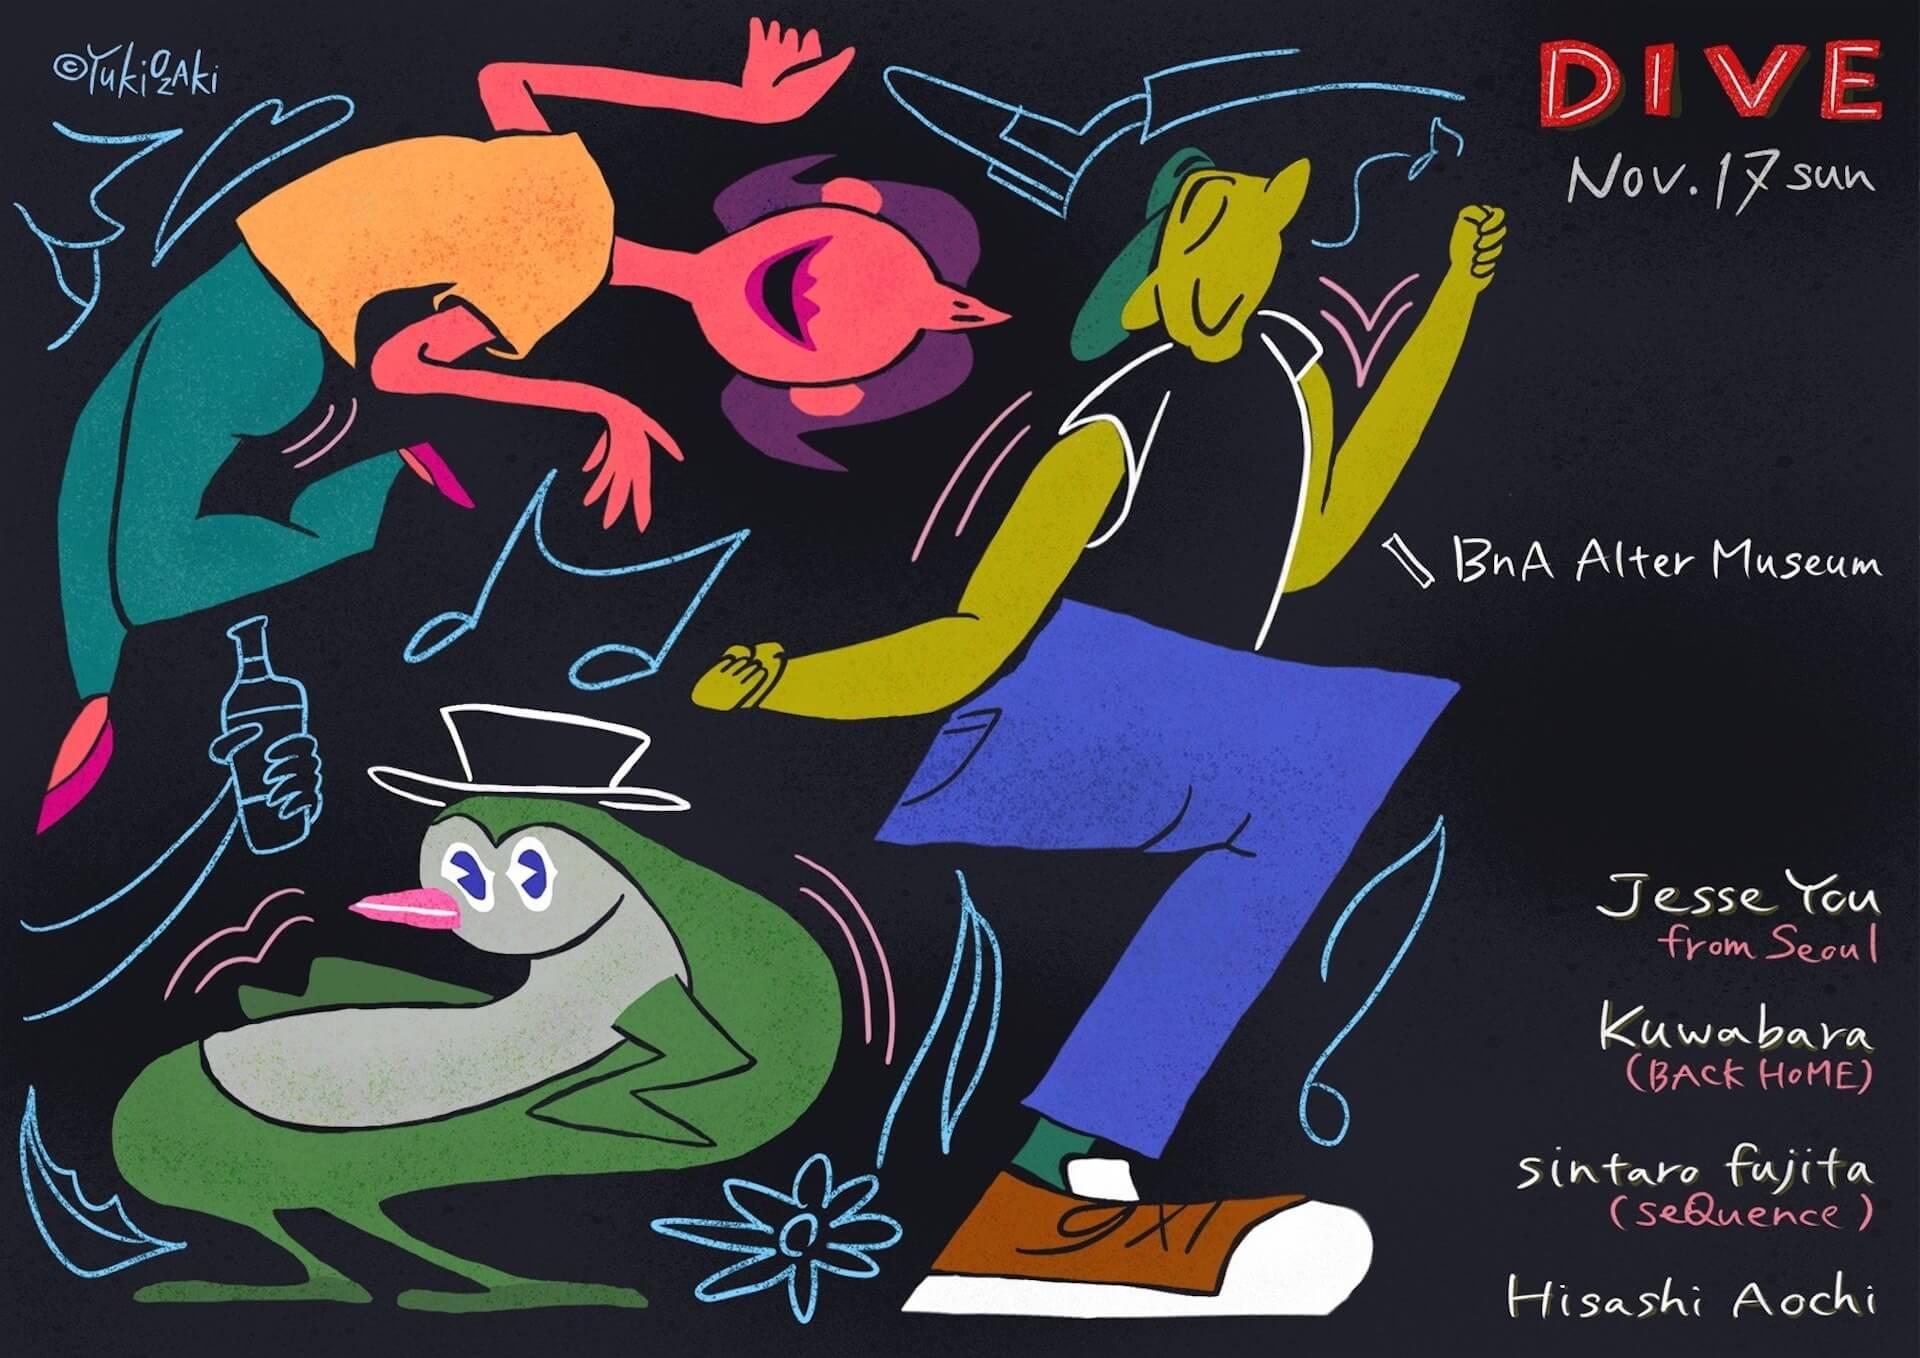 ソウル拠点のDJ・Jesse Youが東京、京都を巡るツアーを開催|中目黒solfa<bamboo>共演にDSKE、U-Tら、京都公演<DIVE>はハウス、和レアリック、イタロをテーマに music191106-jesseyou-3